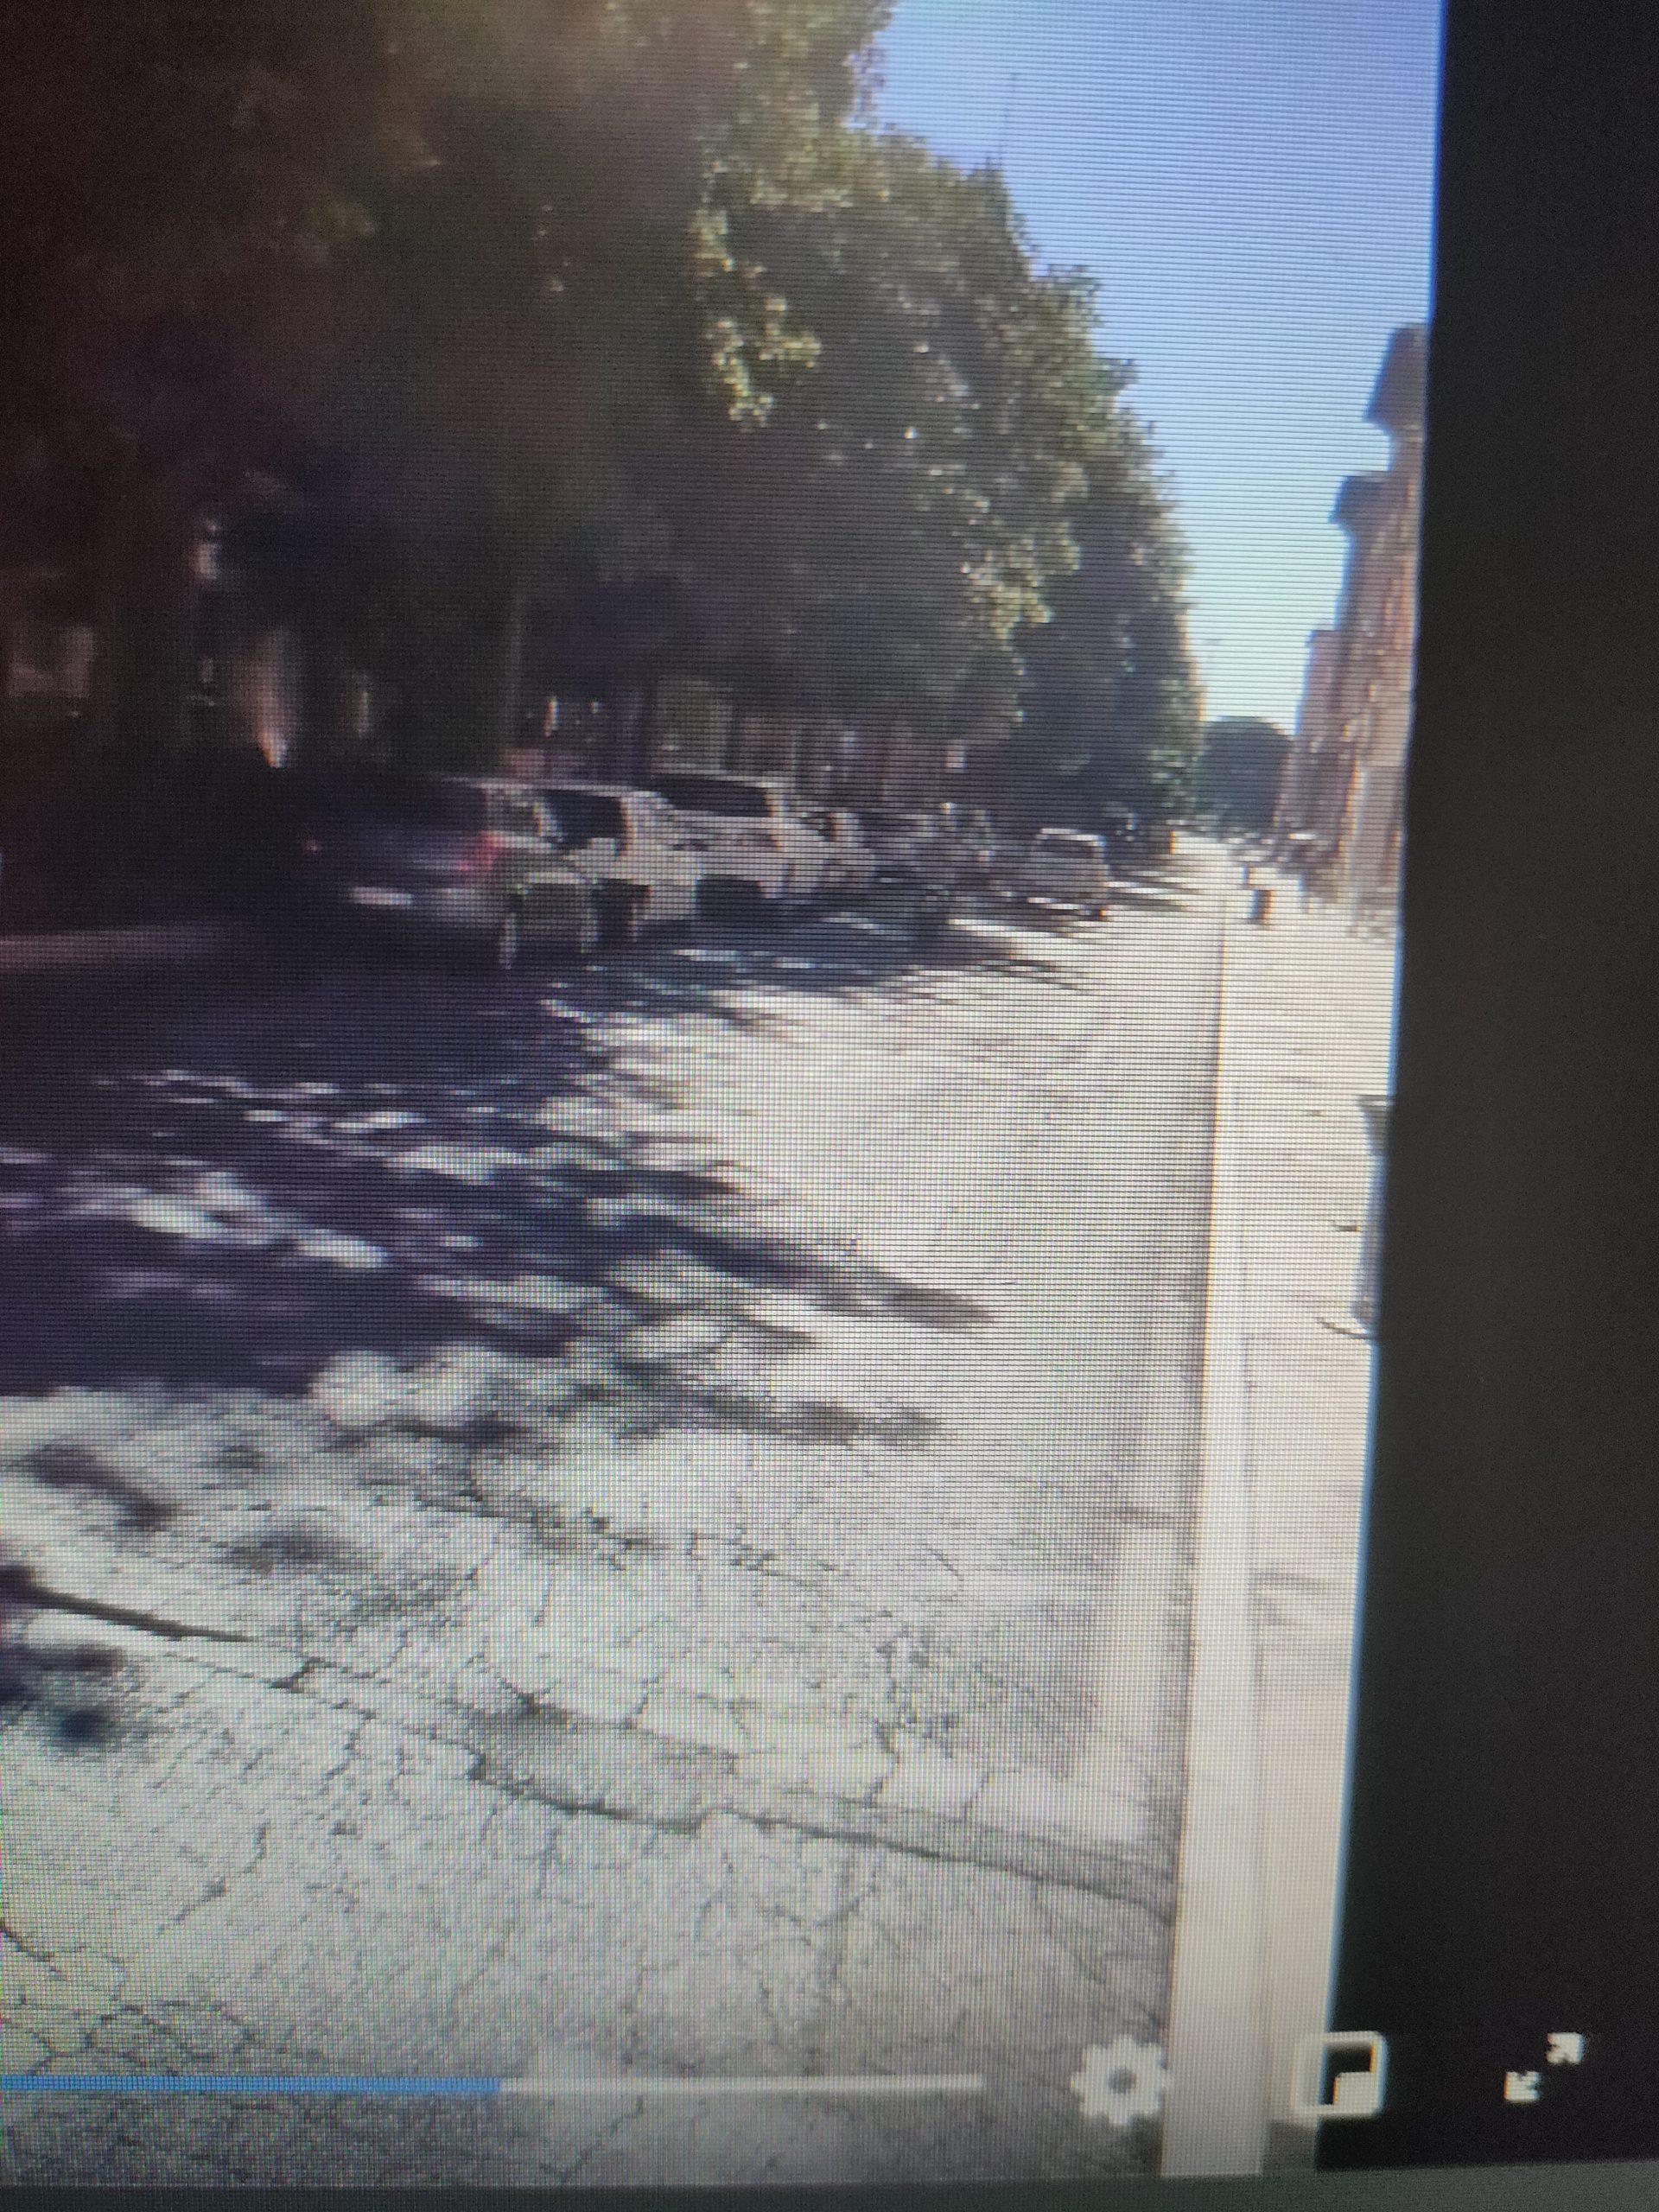 Viterbo, stranezze di provincia, 16-16, 30, Via  Marconi piena di parcheggiatori selvaggi, ma la polizia urbana non fa le multe, perchè?